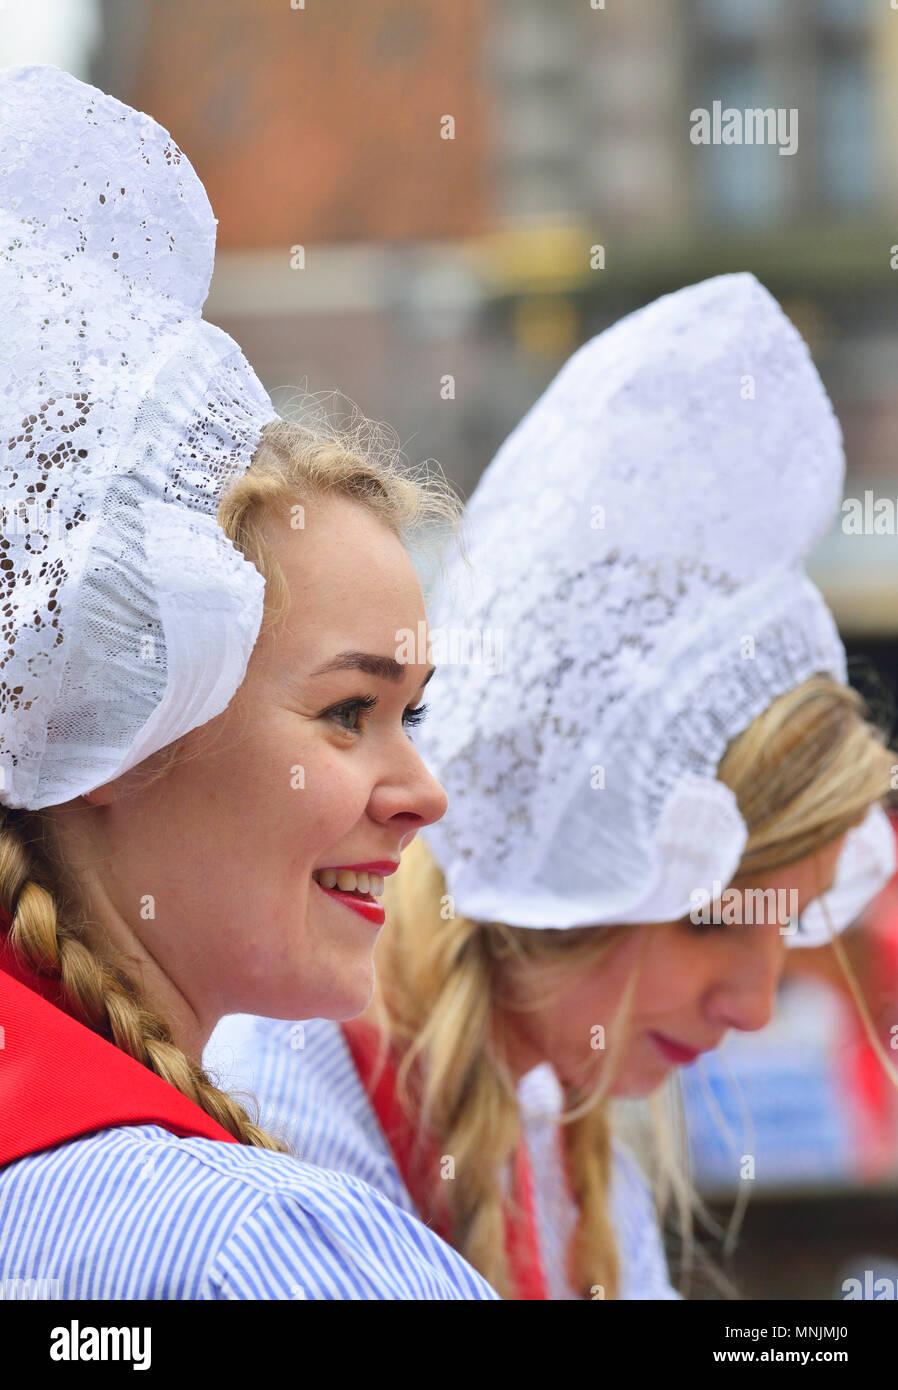 Niederländische Mädchen in traditioneller Tracht auf dem Käsemarkt in Alkmaar Käsemarkt, Holland' Käse Mädchen verkauft Proben am Käsemarkt Stockbild